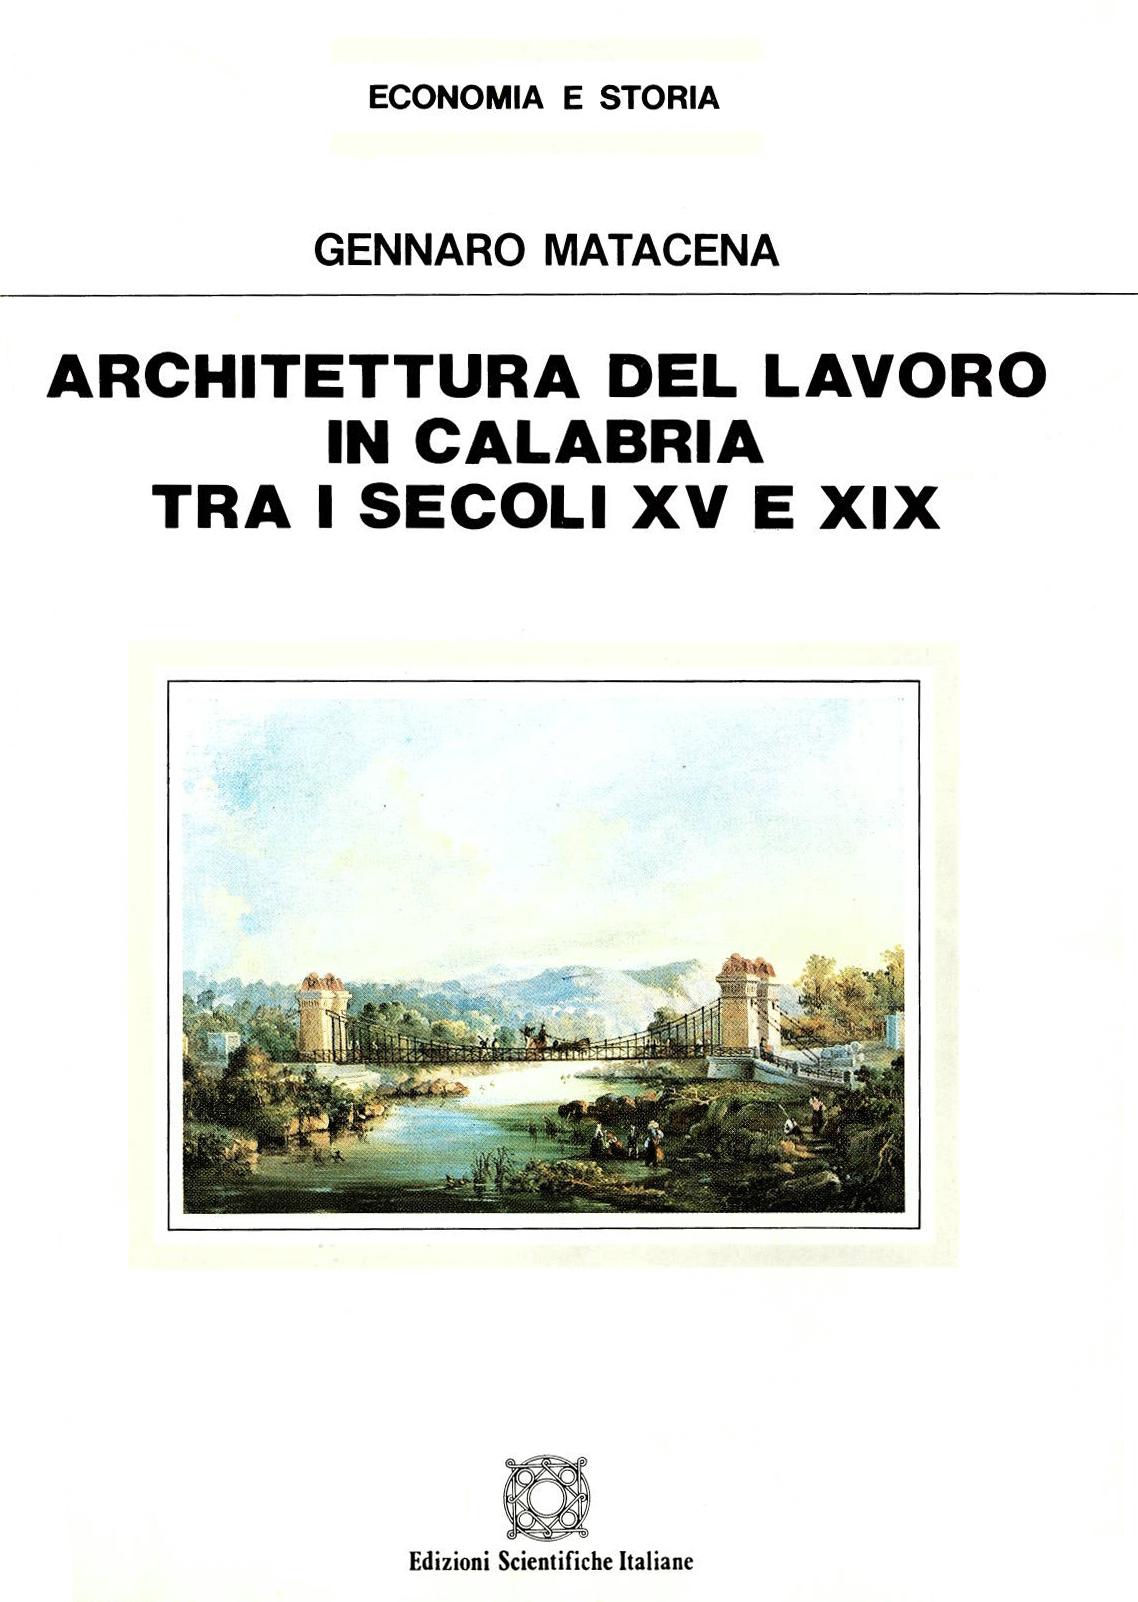 Architettura del lavoro in Calabria tra i secoli XV e XIX